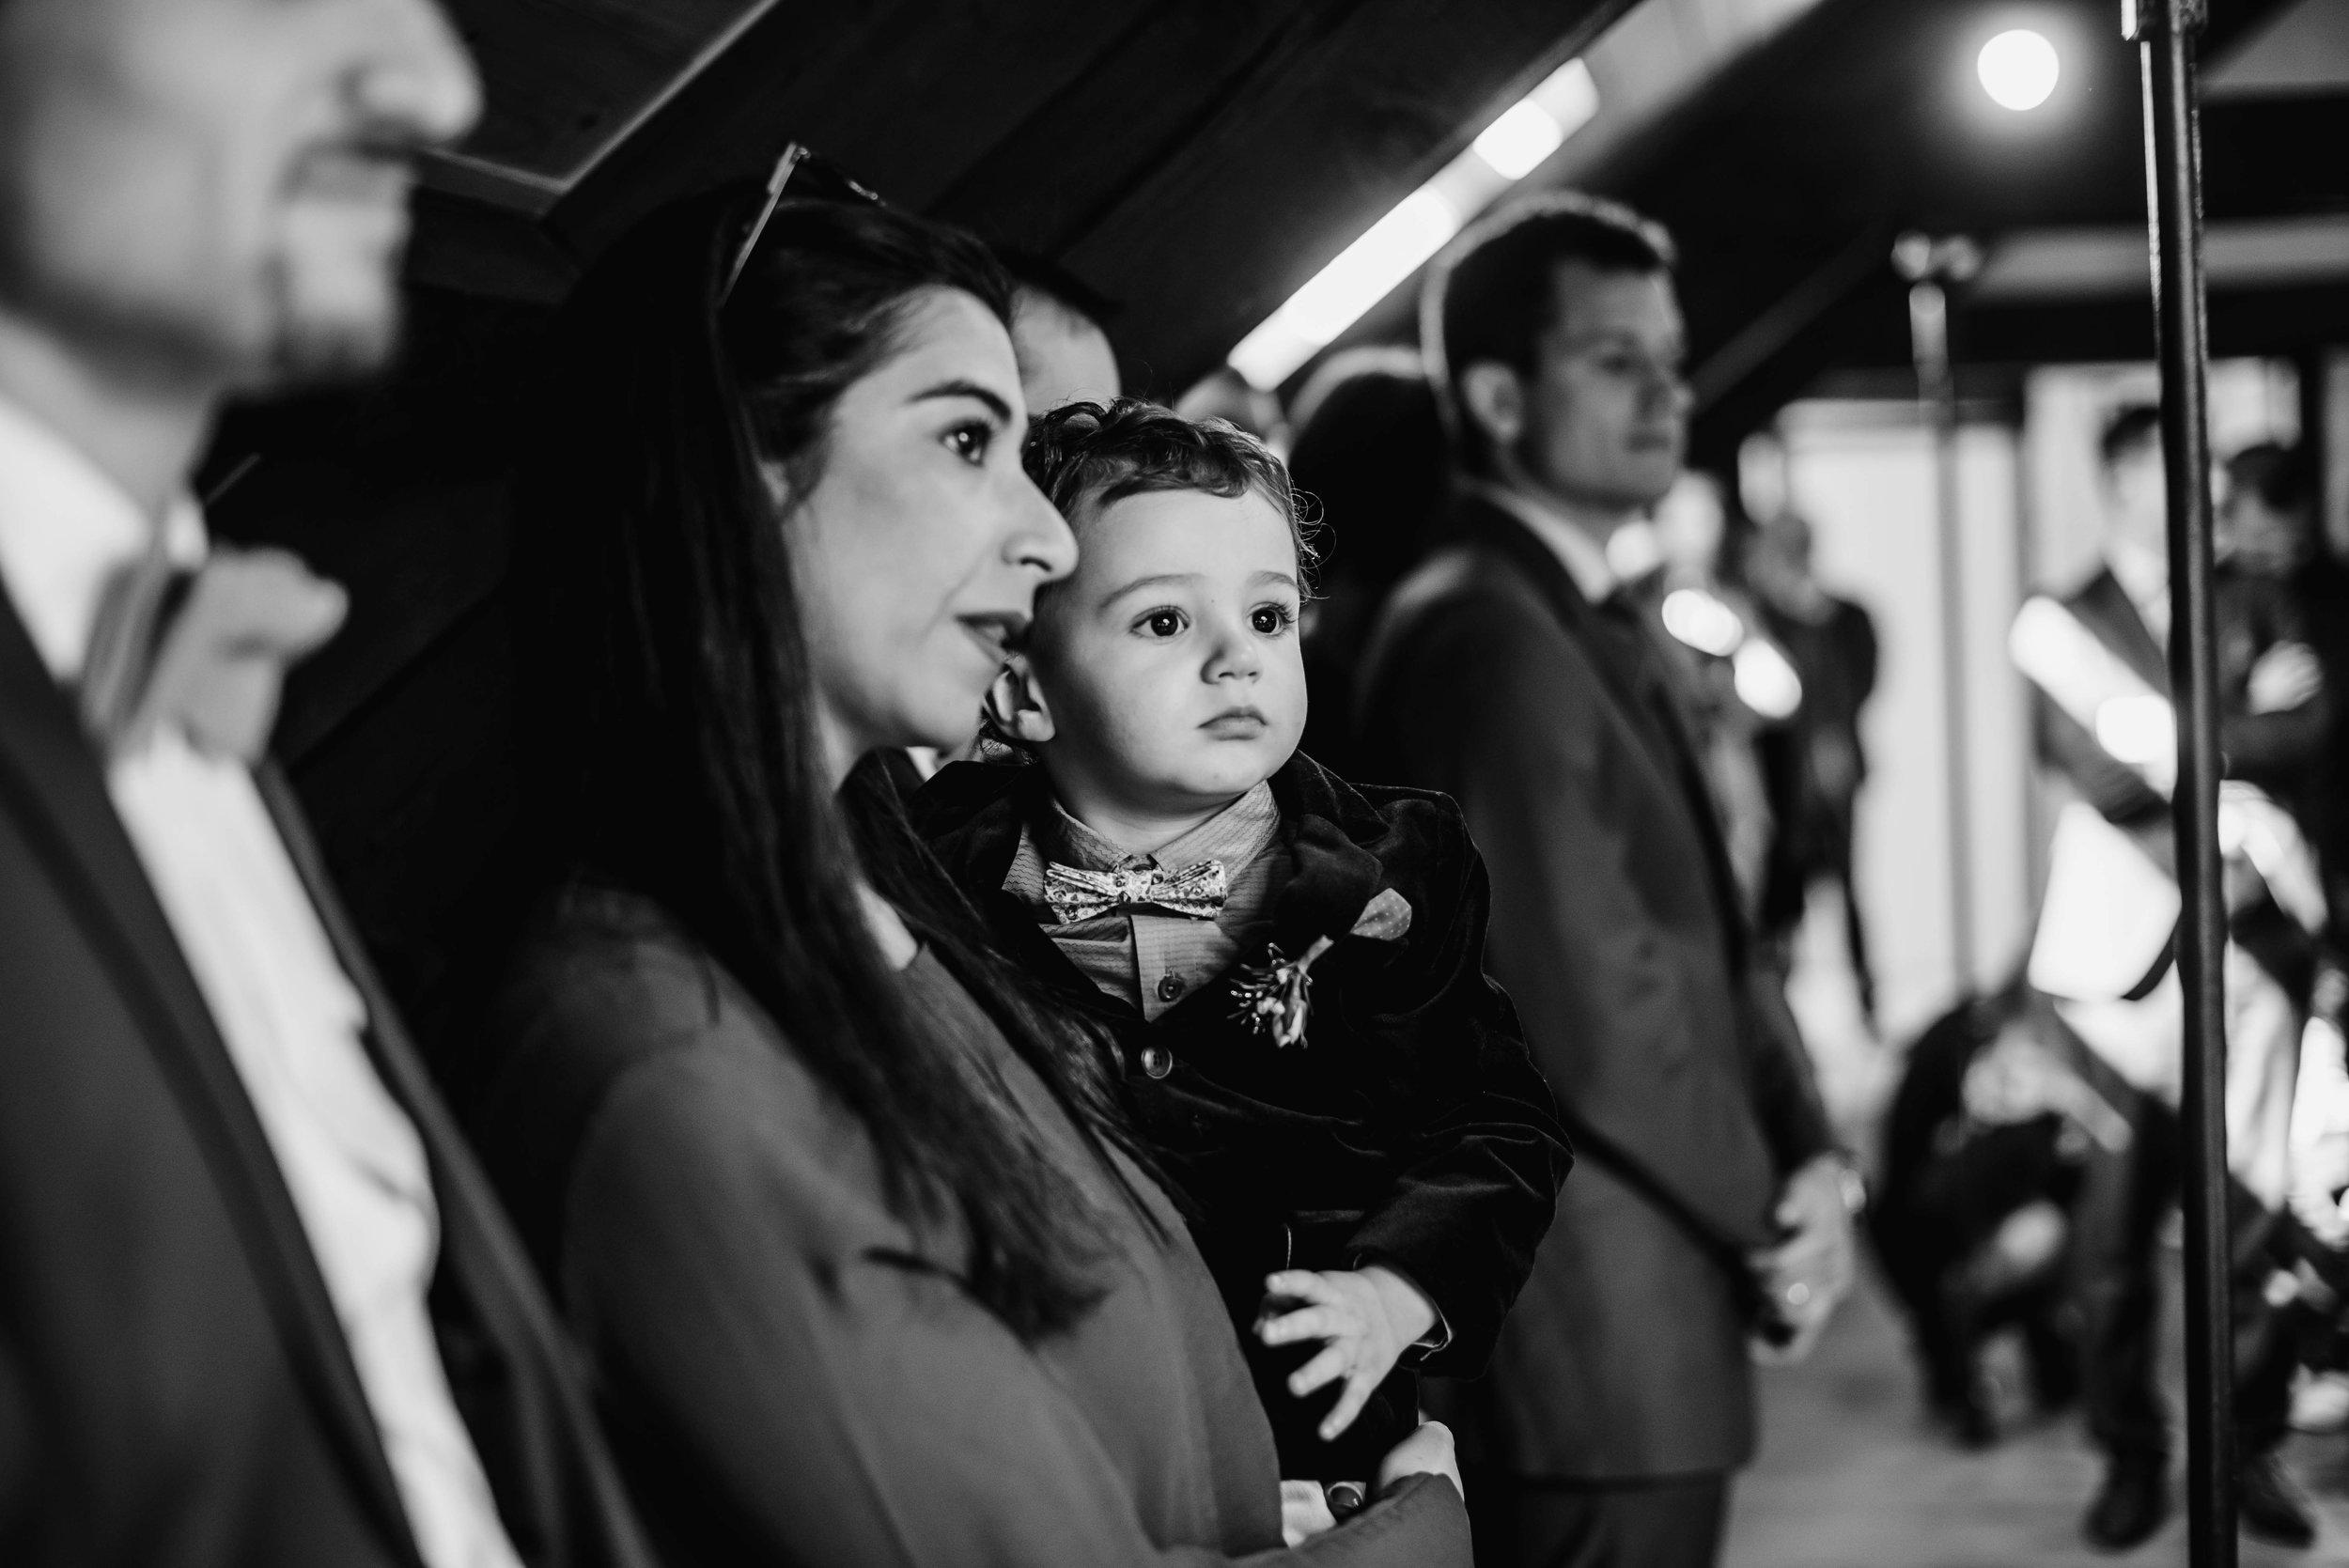 Léa-Fery-photographe-professionnel-lyon-rhone-alpes-portrait-mariage-couple-amour-lovesession-engagement-elopment-2200.jpg